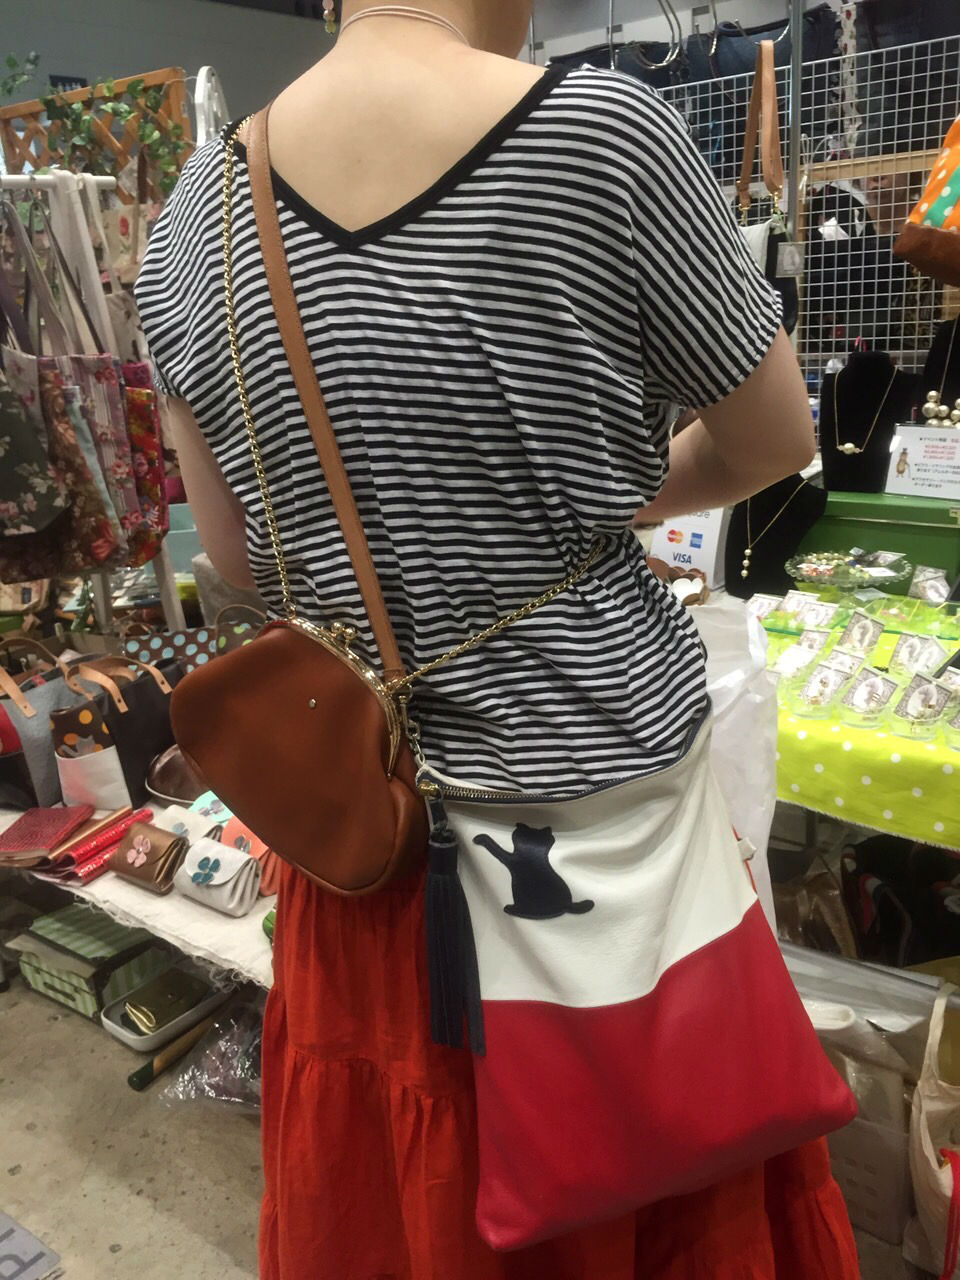 横浜そごう催事出展 2015/10/13(火)〜10/26(月)